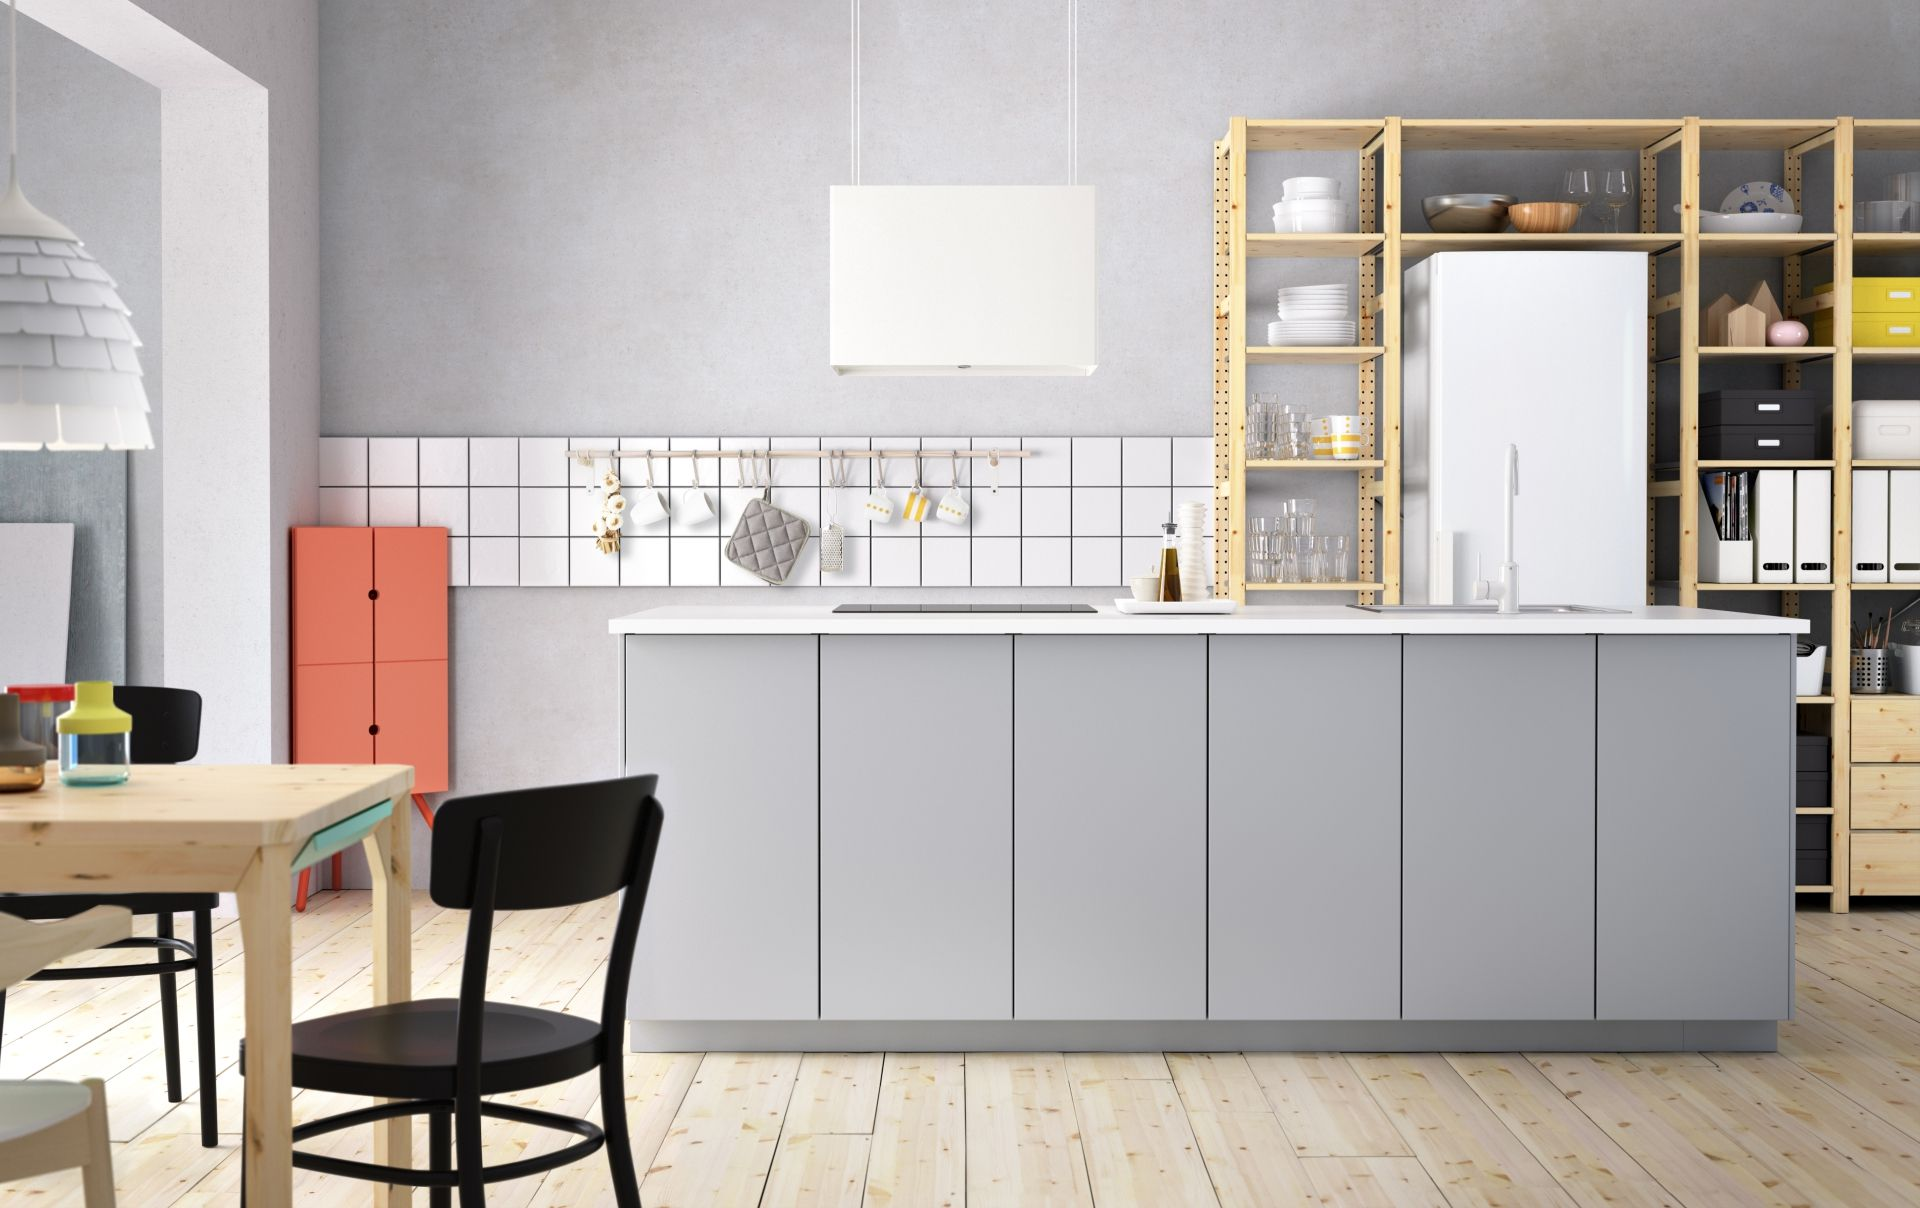 Metod keuken ikea ikeanl grijs modern stellingkast for Metod keuken